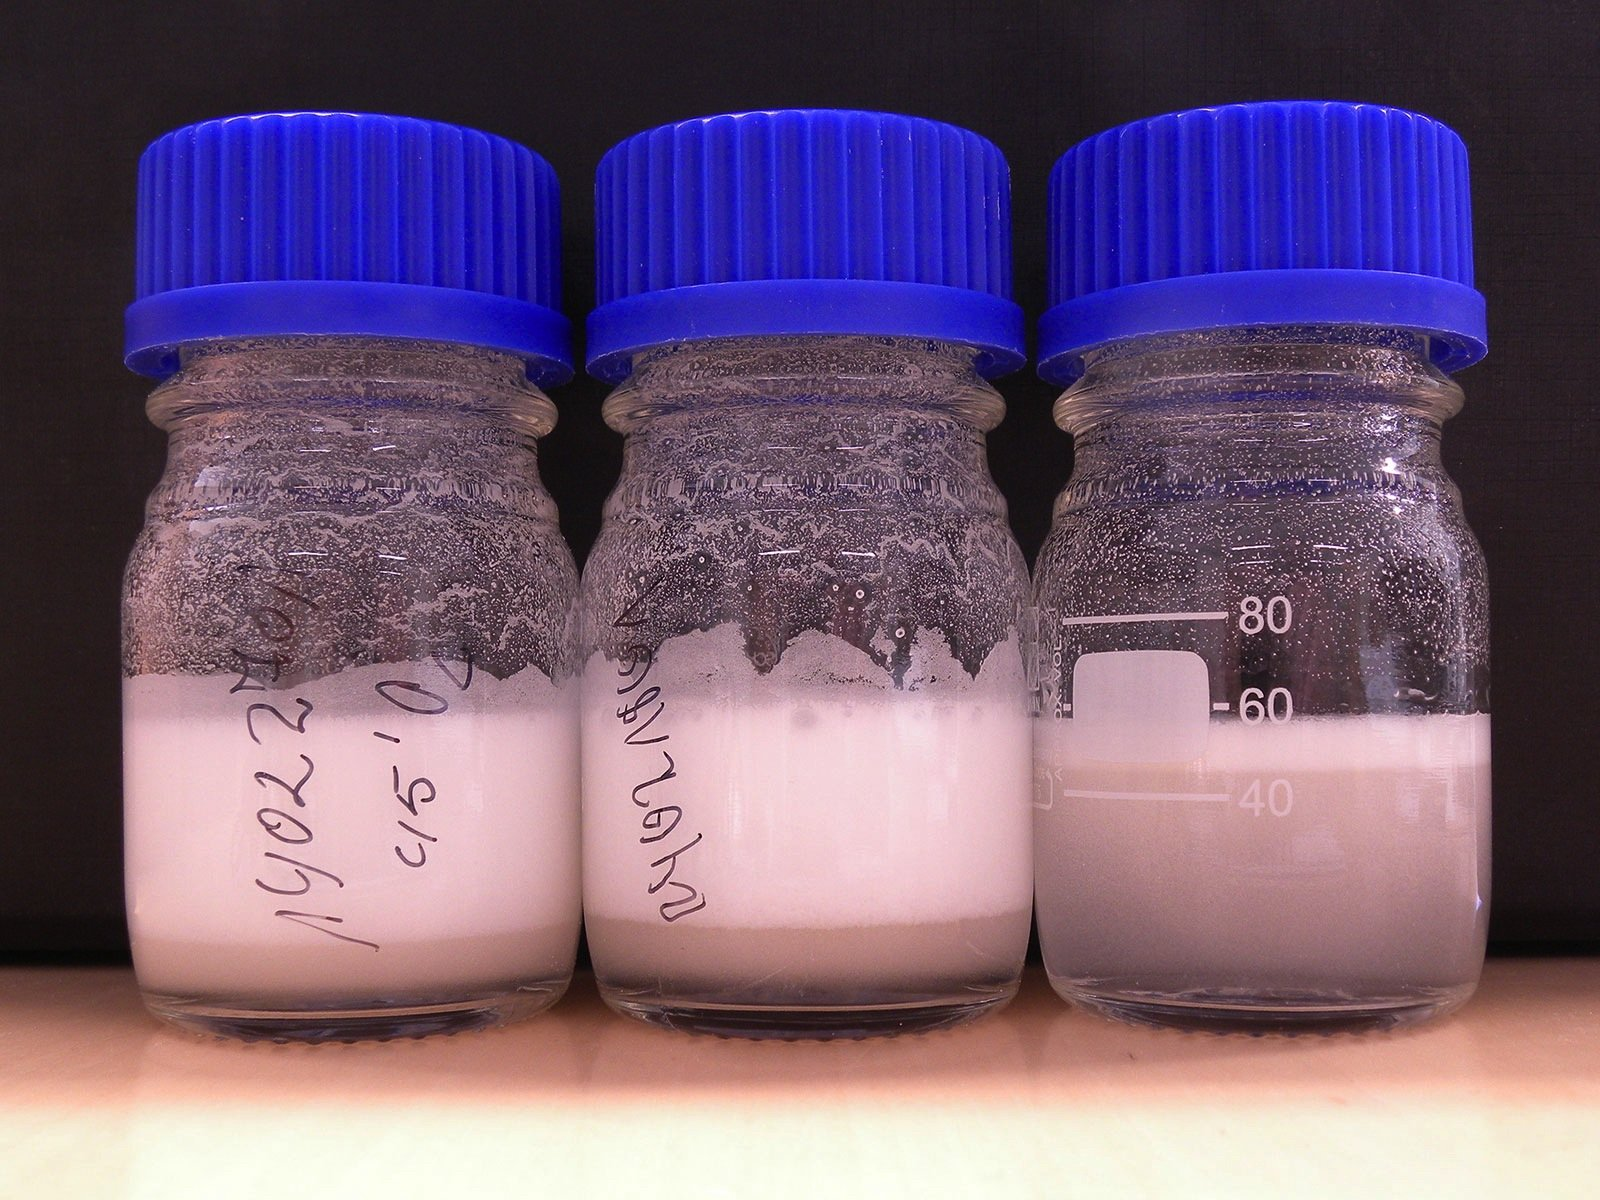 Das funktionalisierte Polymerpulver verteilt sich im Wasser.Erreger bleiben an den 100 bis 200 Mikrometer großen Pulverpartikelnhaften.